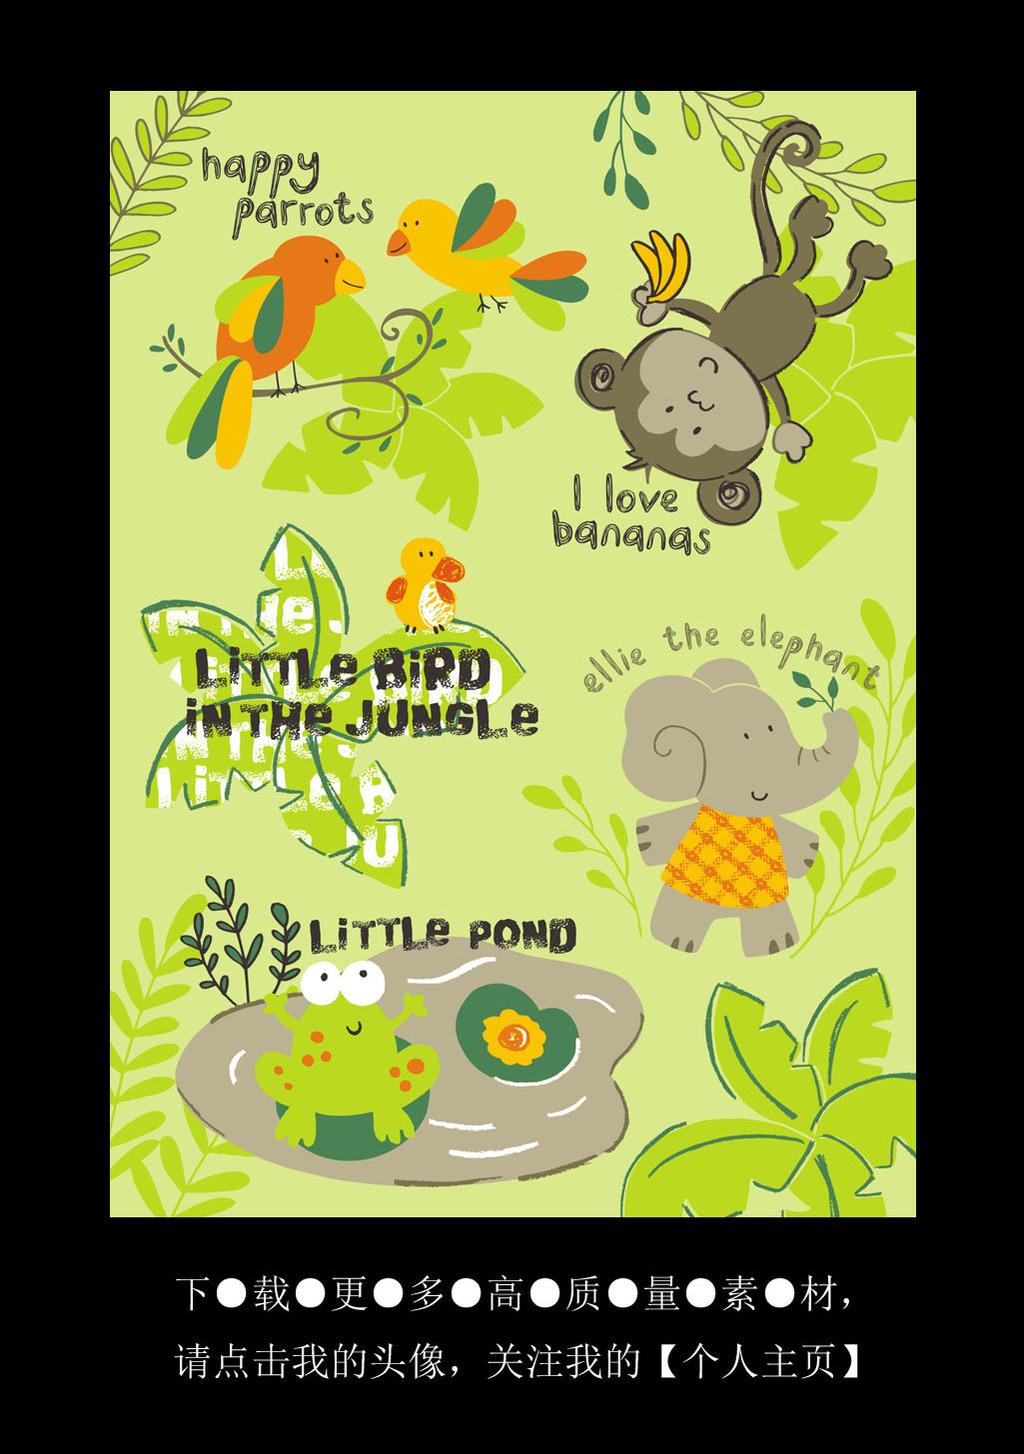 礼物 儿童画 底纹素材 小动物 笔记本封面 包装纸 底纹背景 卡通人物